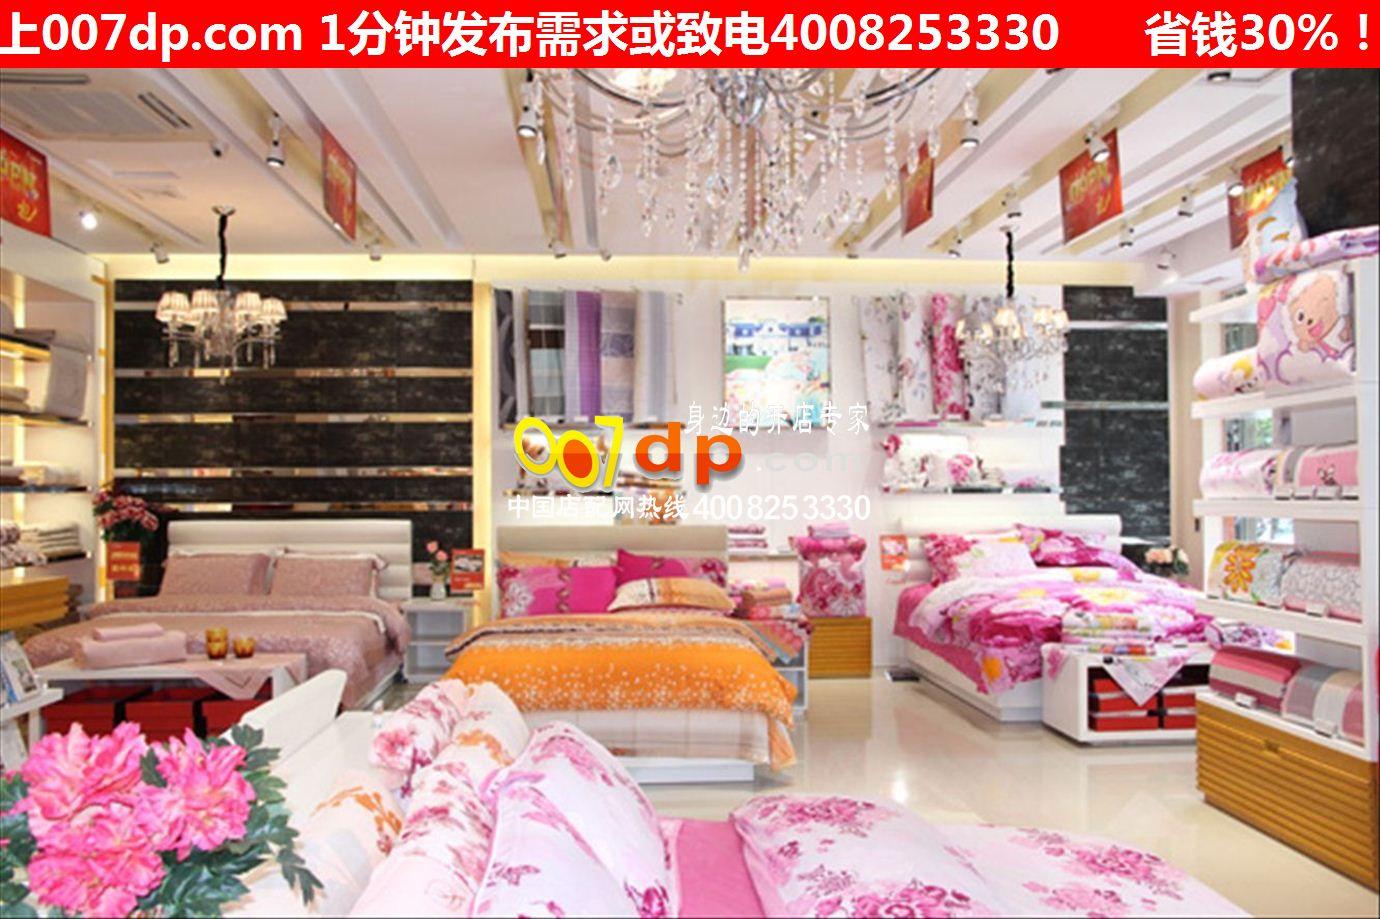 中国店配网第十七期家纺店装修效果图欧式家纺店装